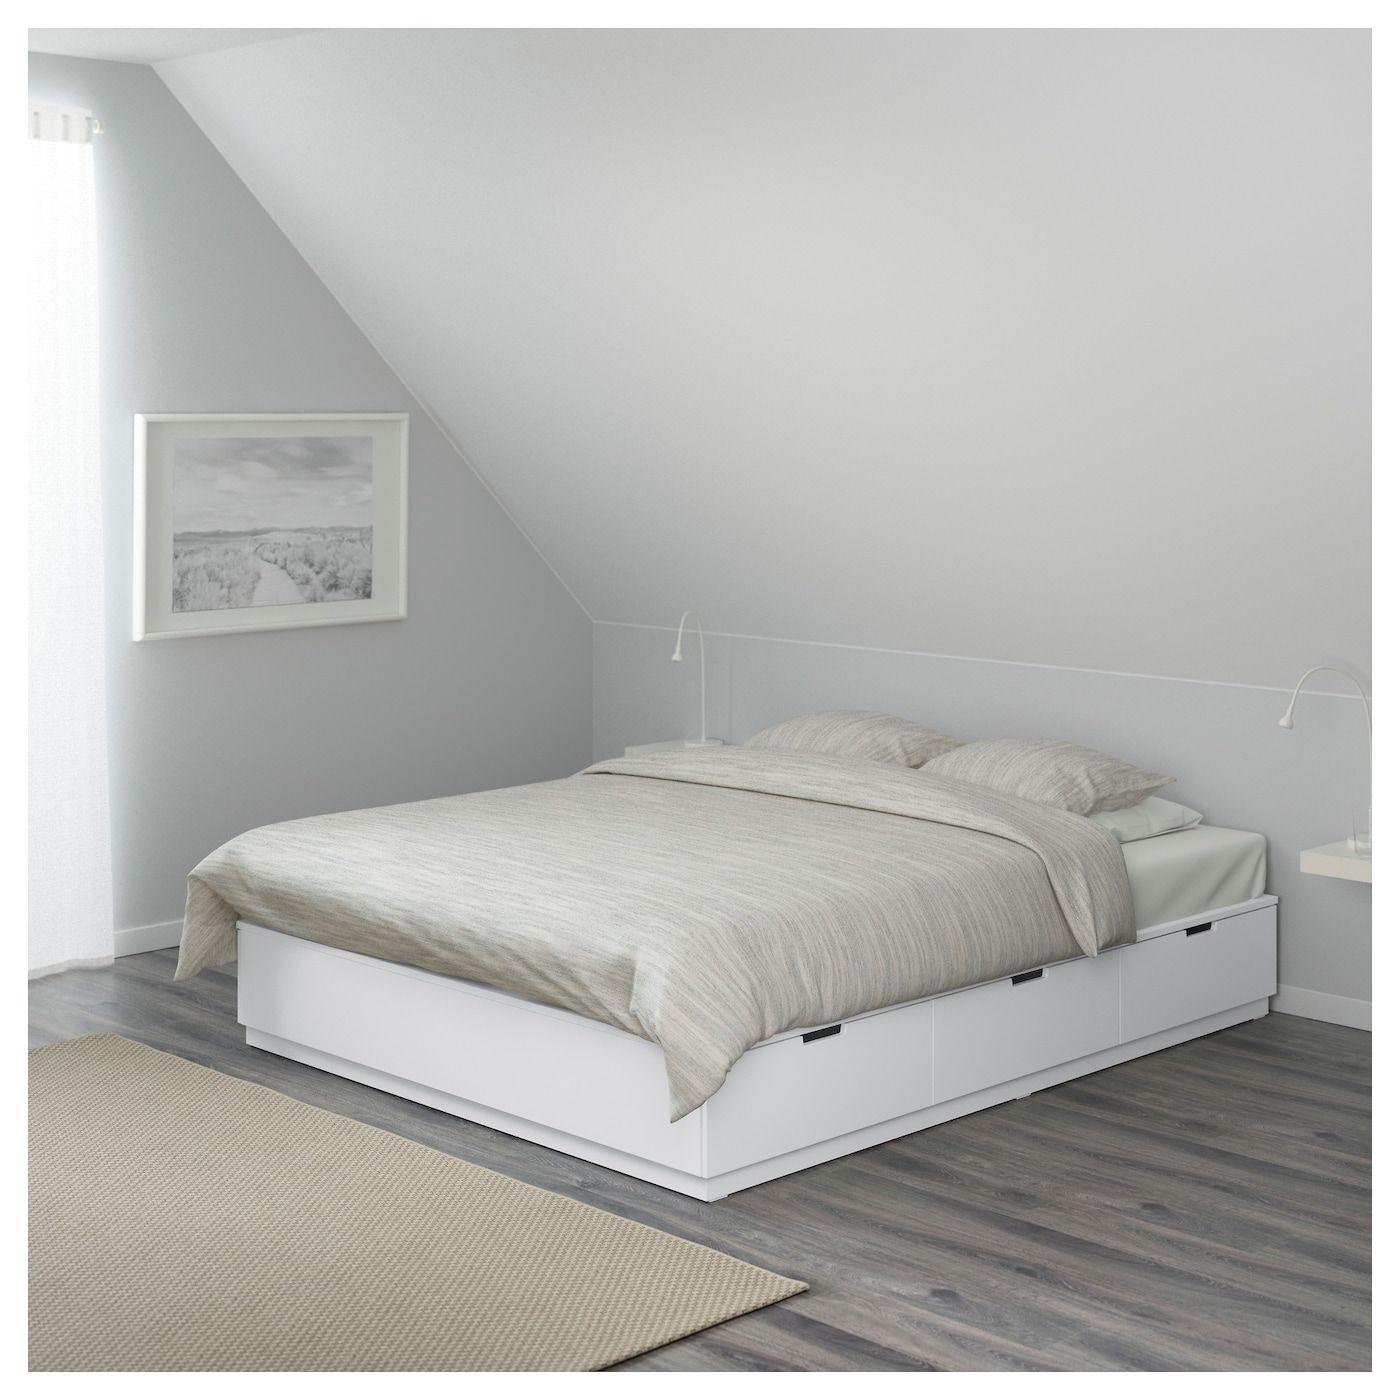 Nordli Bettgestell Mit Schubladen Weiss Ikea Deutschland Bed Frame With Storage Ikea Bed Bed Storage